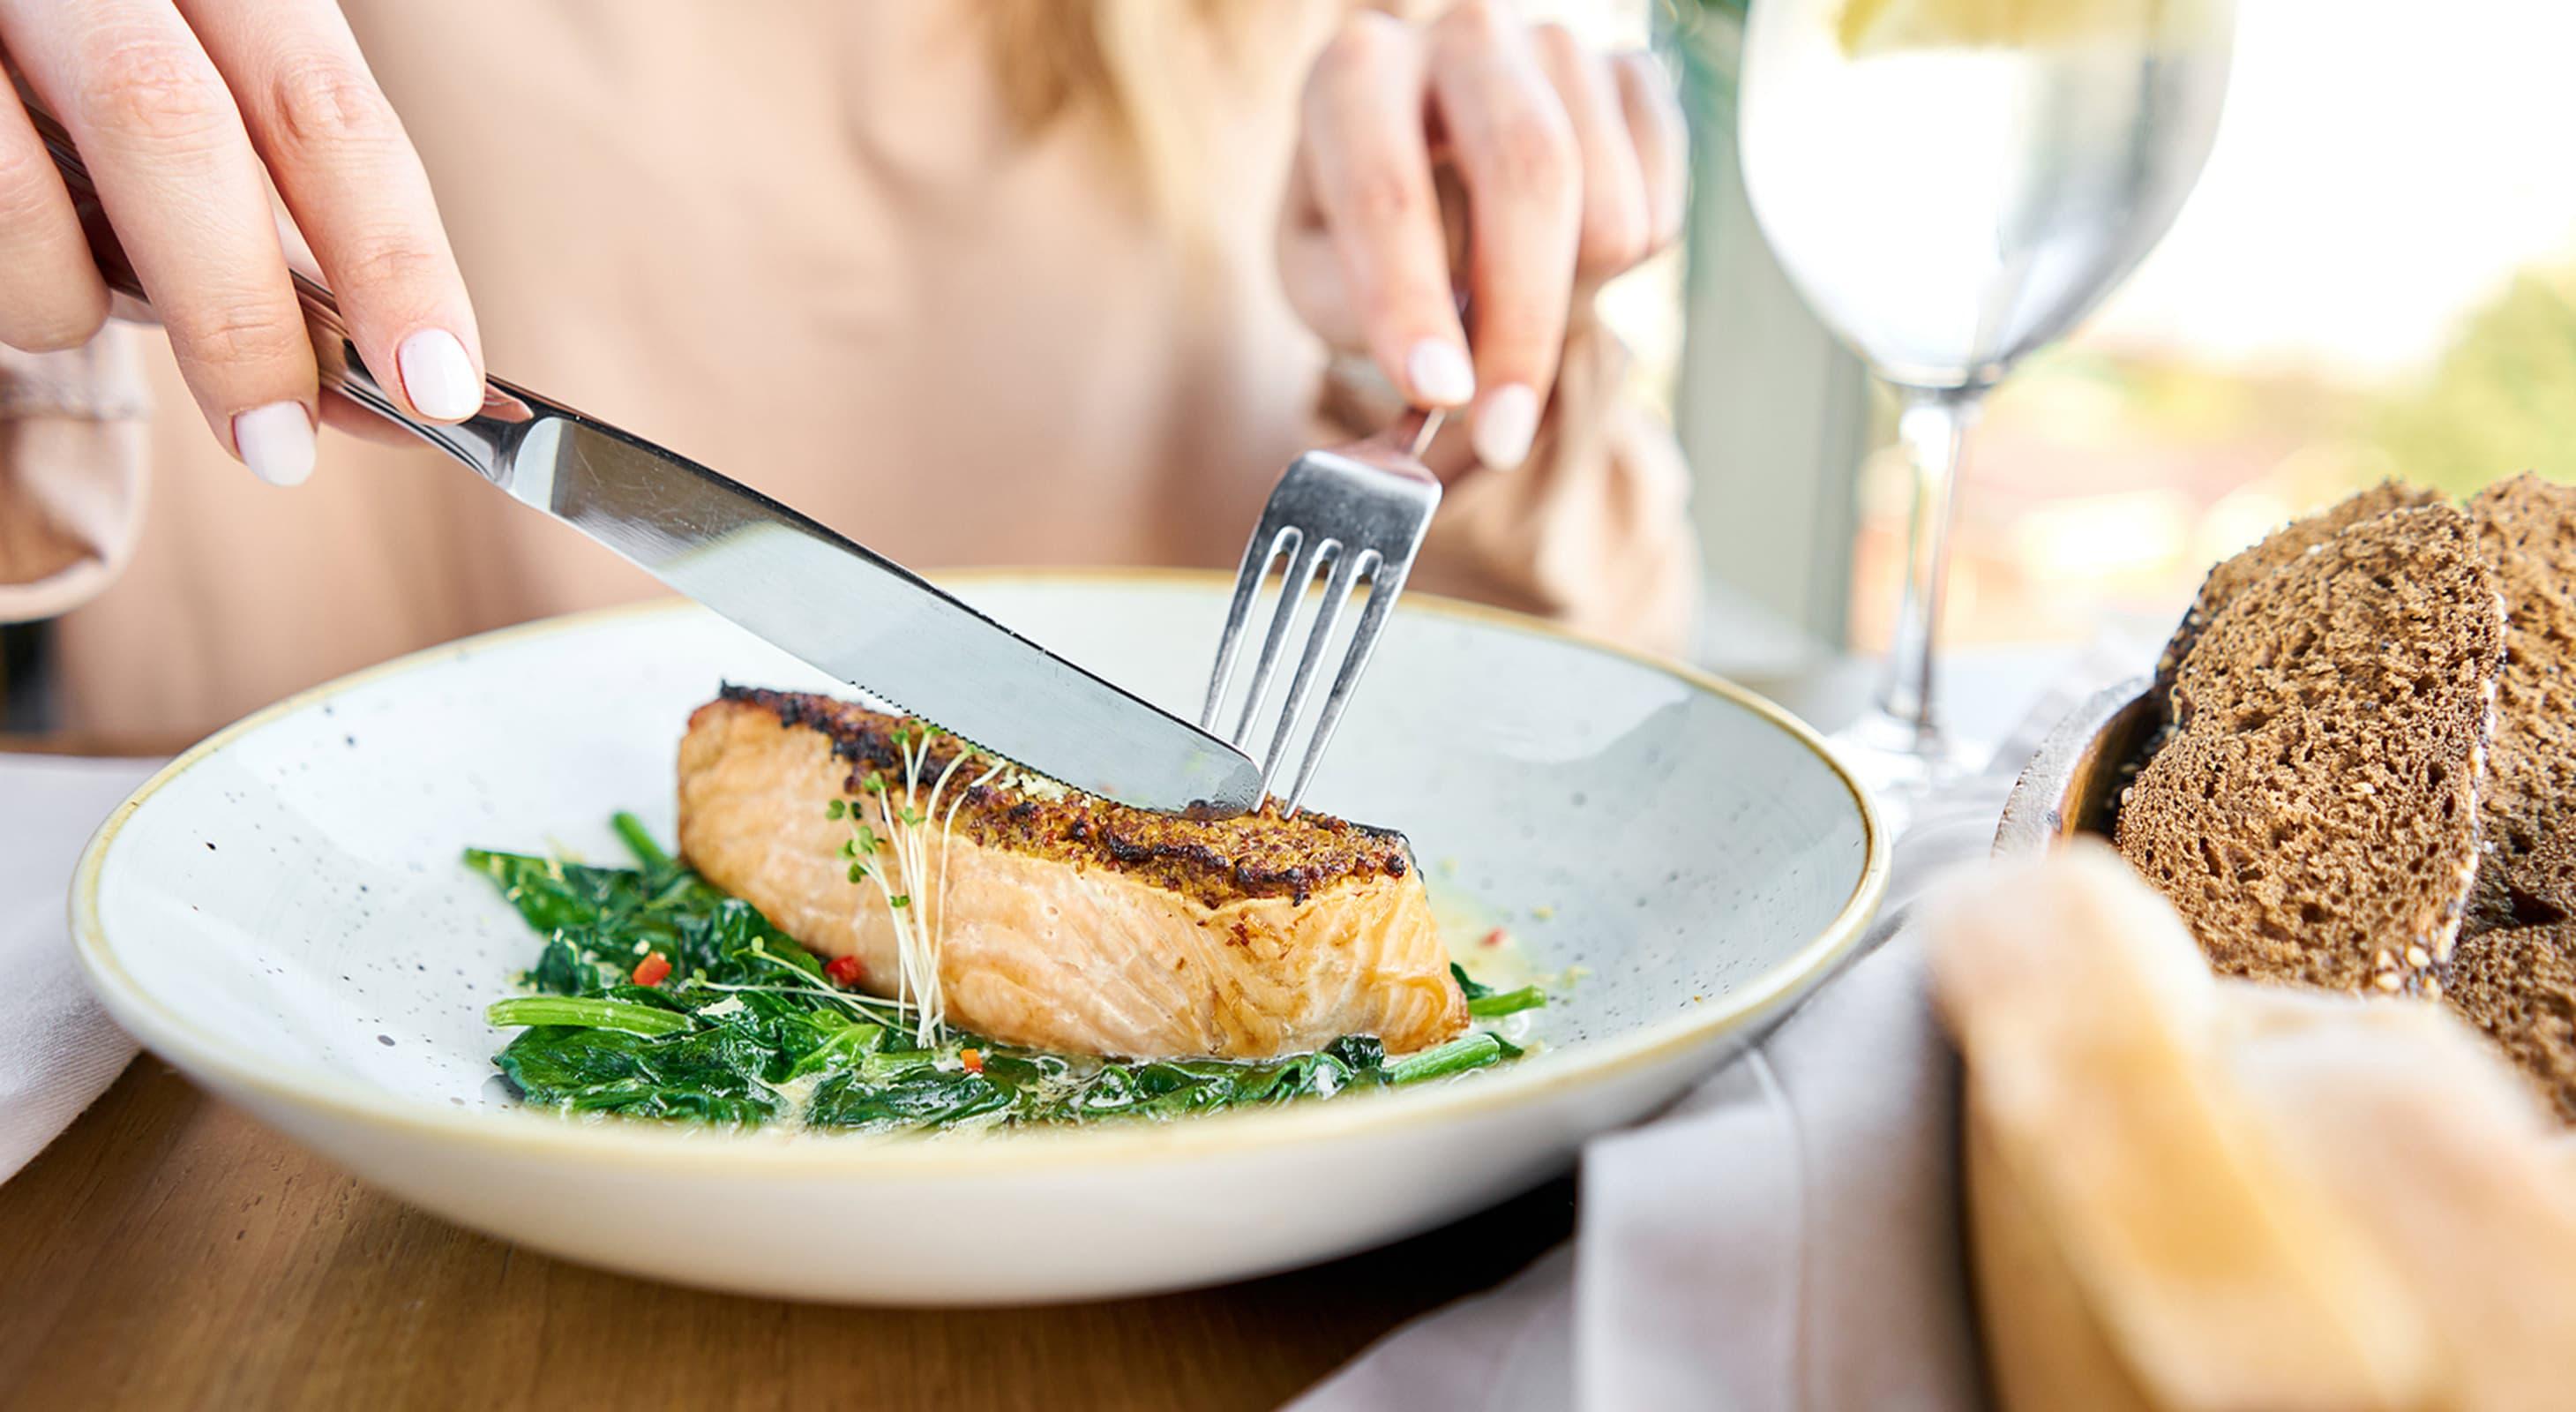 woman cutting a salmon steak at a restaurant